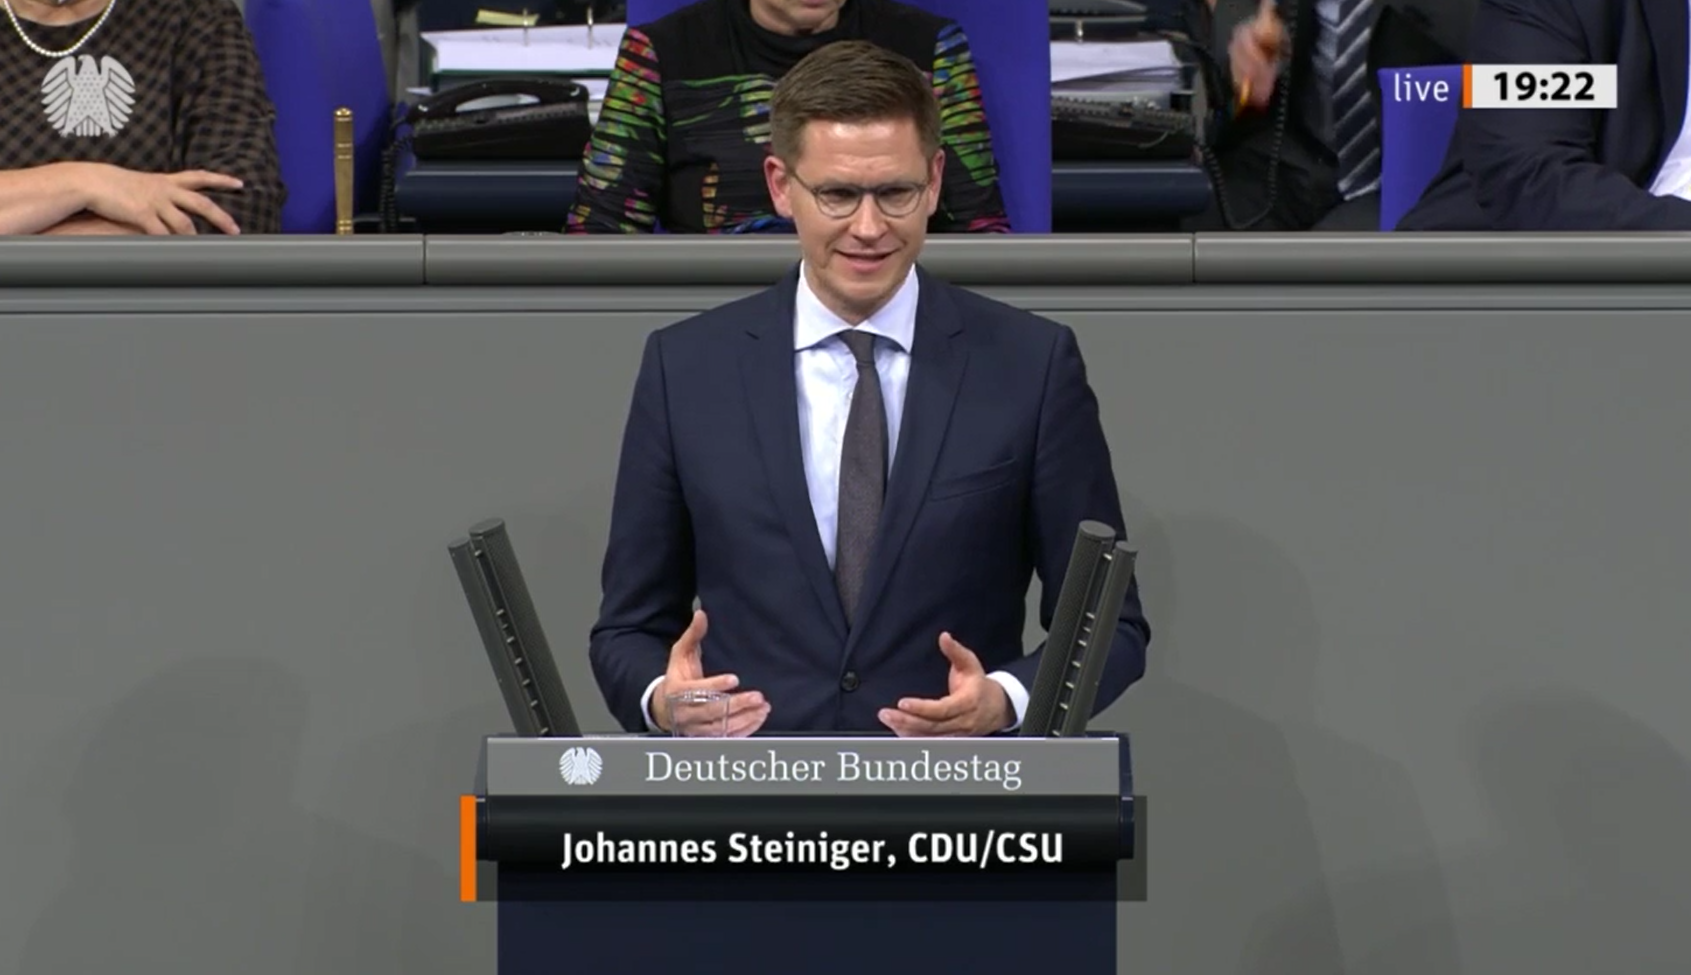 Heute habe ich im Plenum über den erstenSchritt der Digitalisierung des deutschenFinanzmarktes gesprochen. Statt ausgedruckter Urkunde wollen wir zukünftig elektronische Wertpapiere ermöglichen.